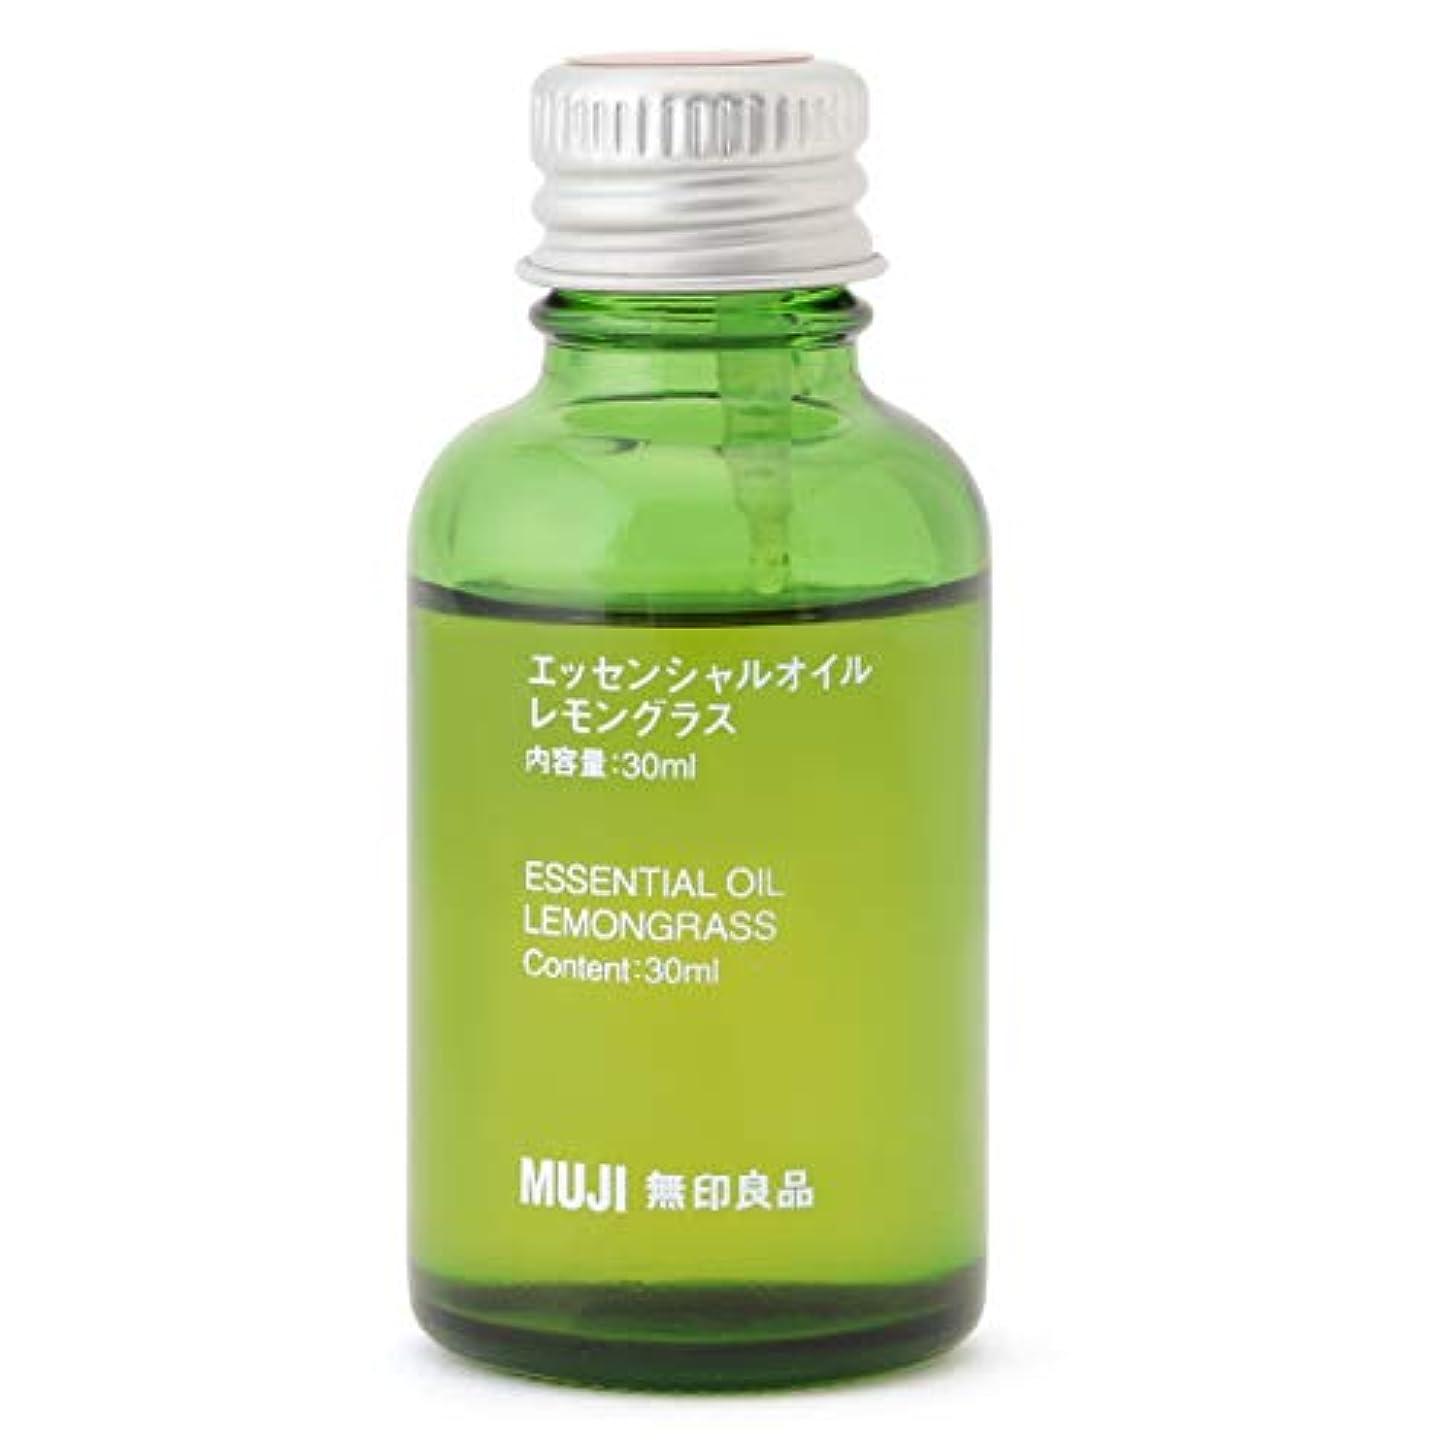 ダーツ原油機械的【無印良品】エッセンシャルオイル30ml(レモングラス)